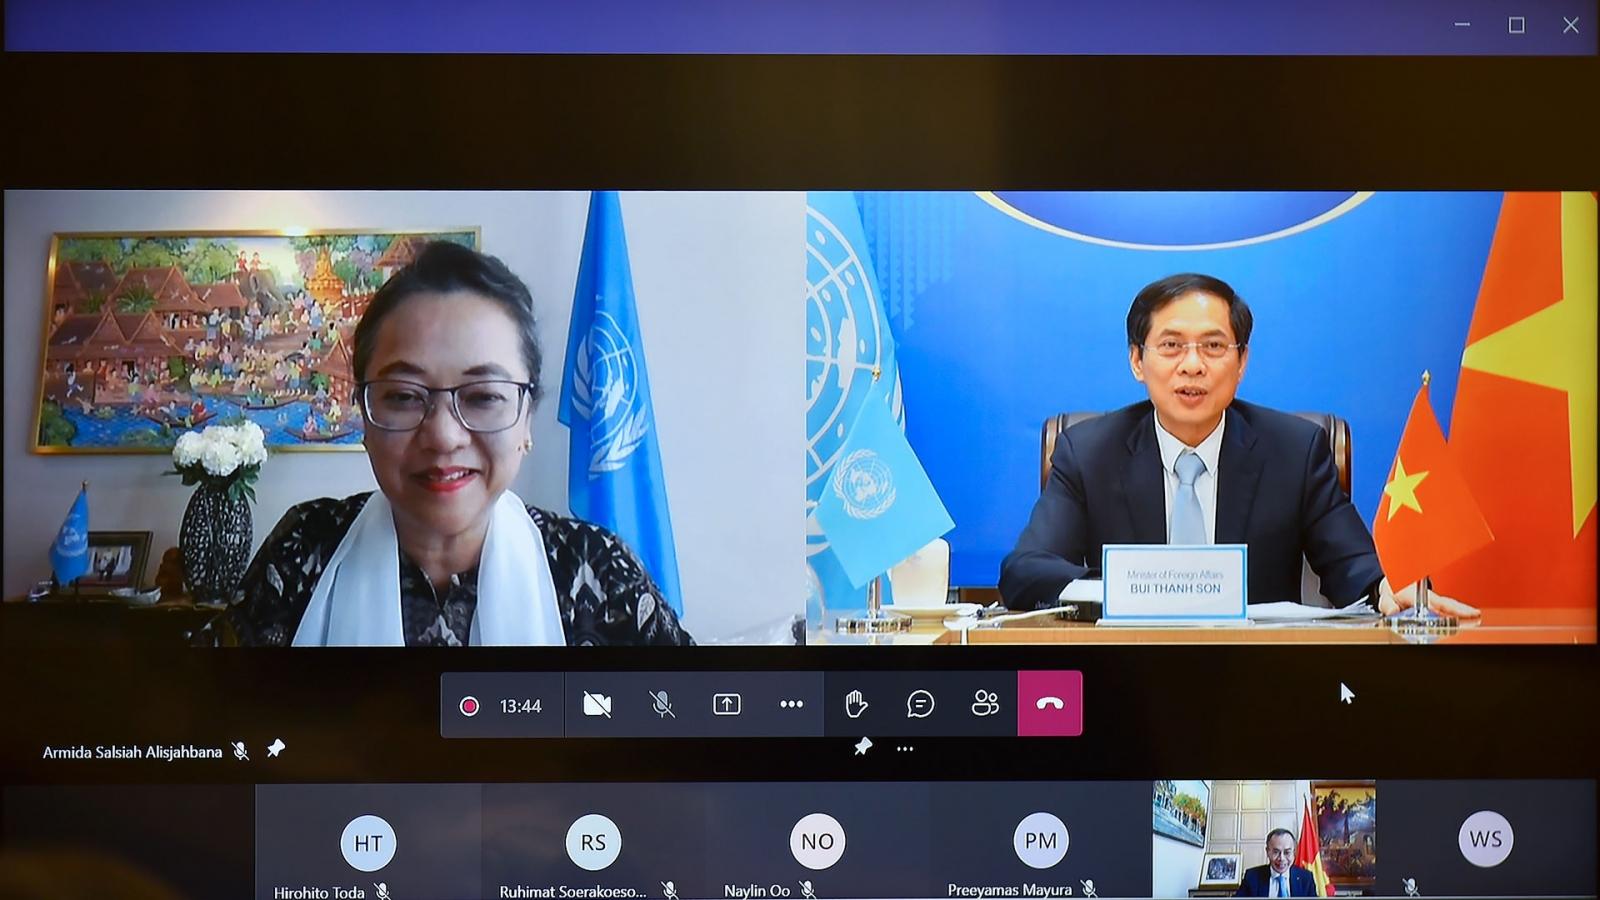 Bộ trưởng Ngoại giao Bùi Thanh Sơn hội đàm trực tuyến với Phó Tổng thư ký Liên hợp quốc